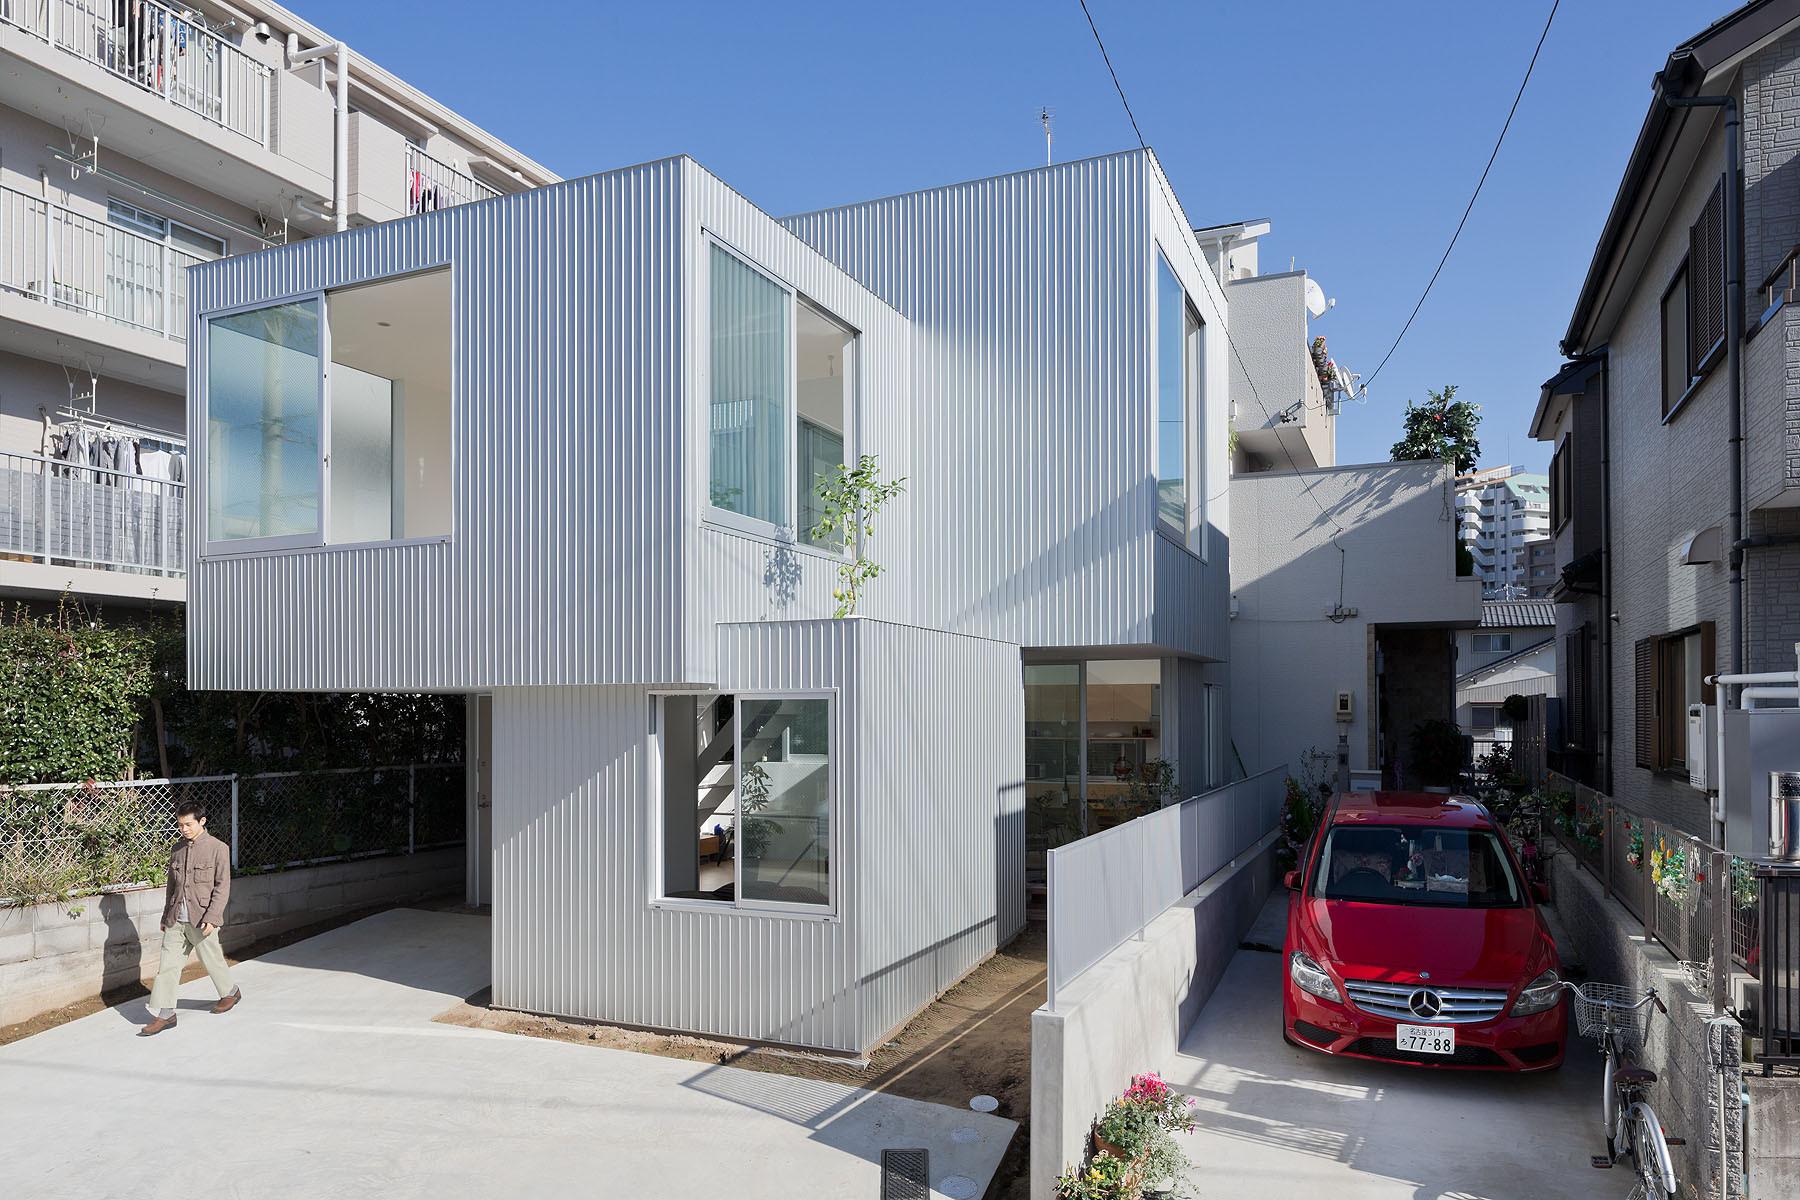 House in Chayagasaka / Tetsuo Kondo Architects, ©  Iwan Baan